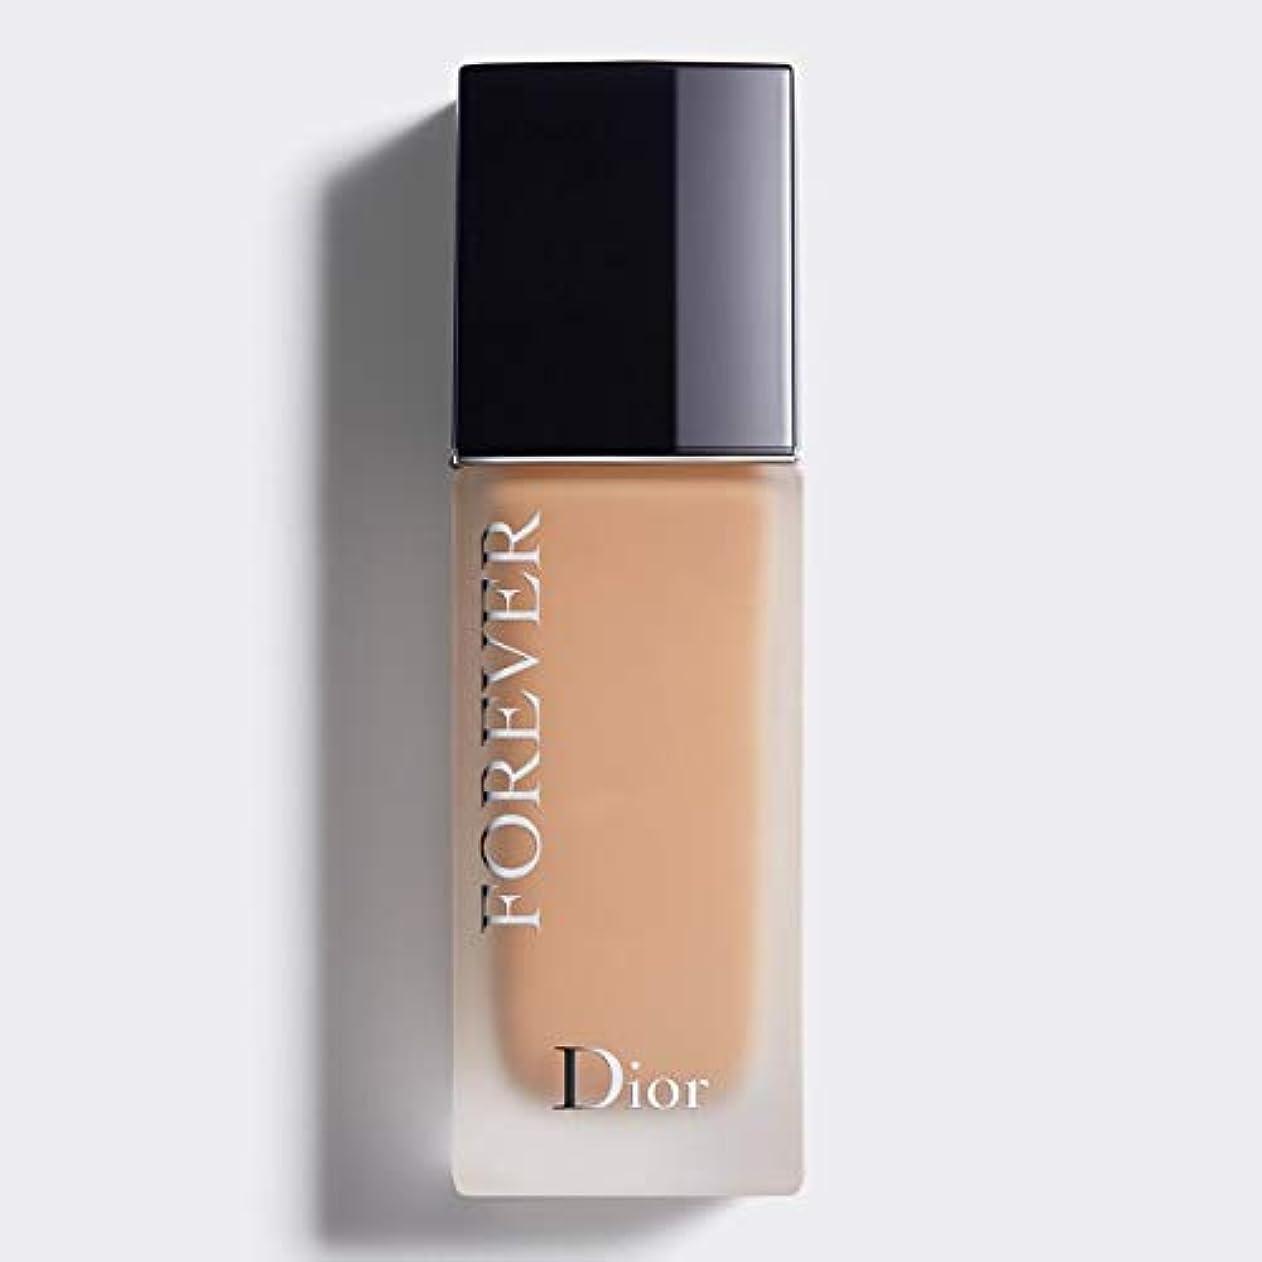 分類手順聖職者クリスチャンディオール Dior Forever 24H Wear High Perfection Foundation SPF 35 - # 3.5N (Neutral) 30ml/1oz並行輸入品